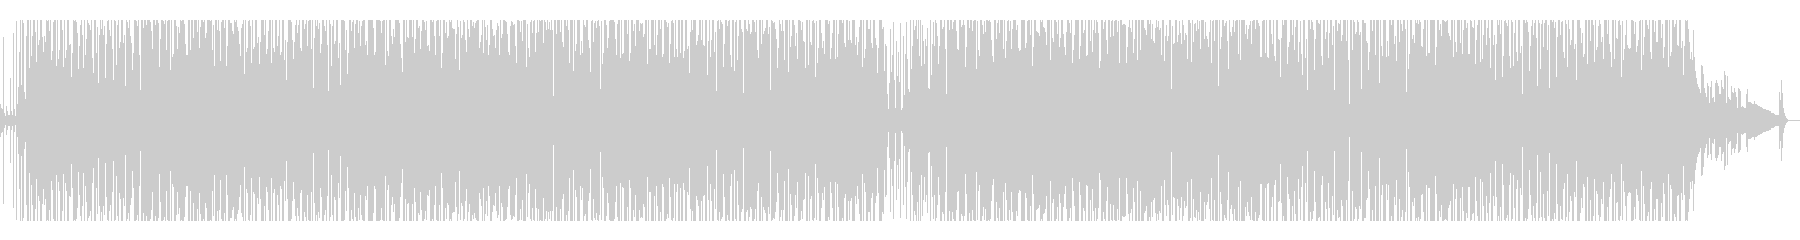 おしゃれなスキャット・エレクトロスイングの未再生の波形